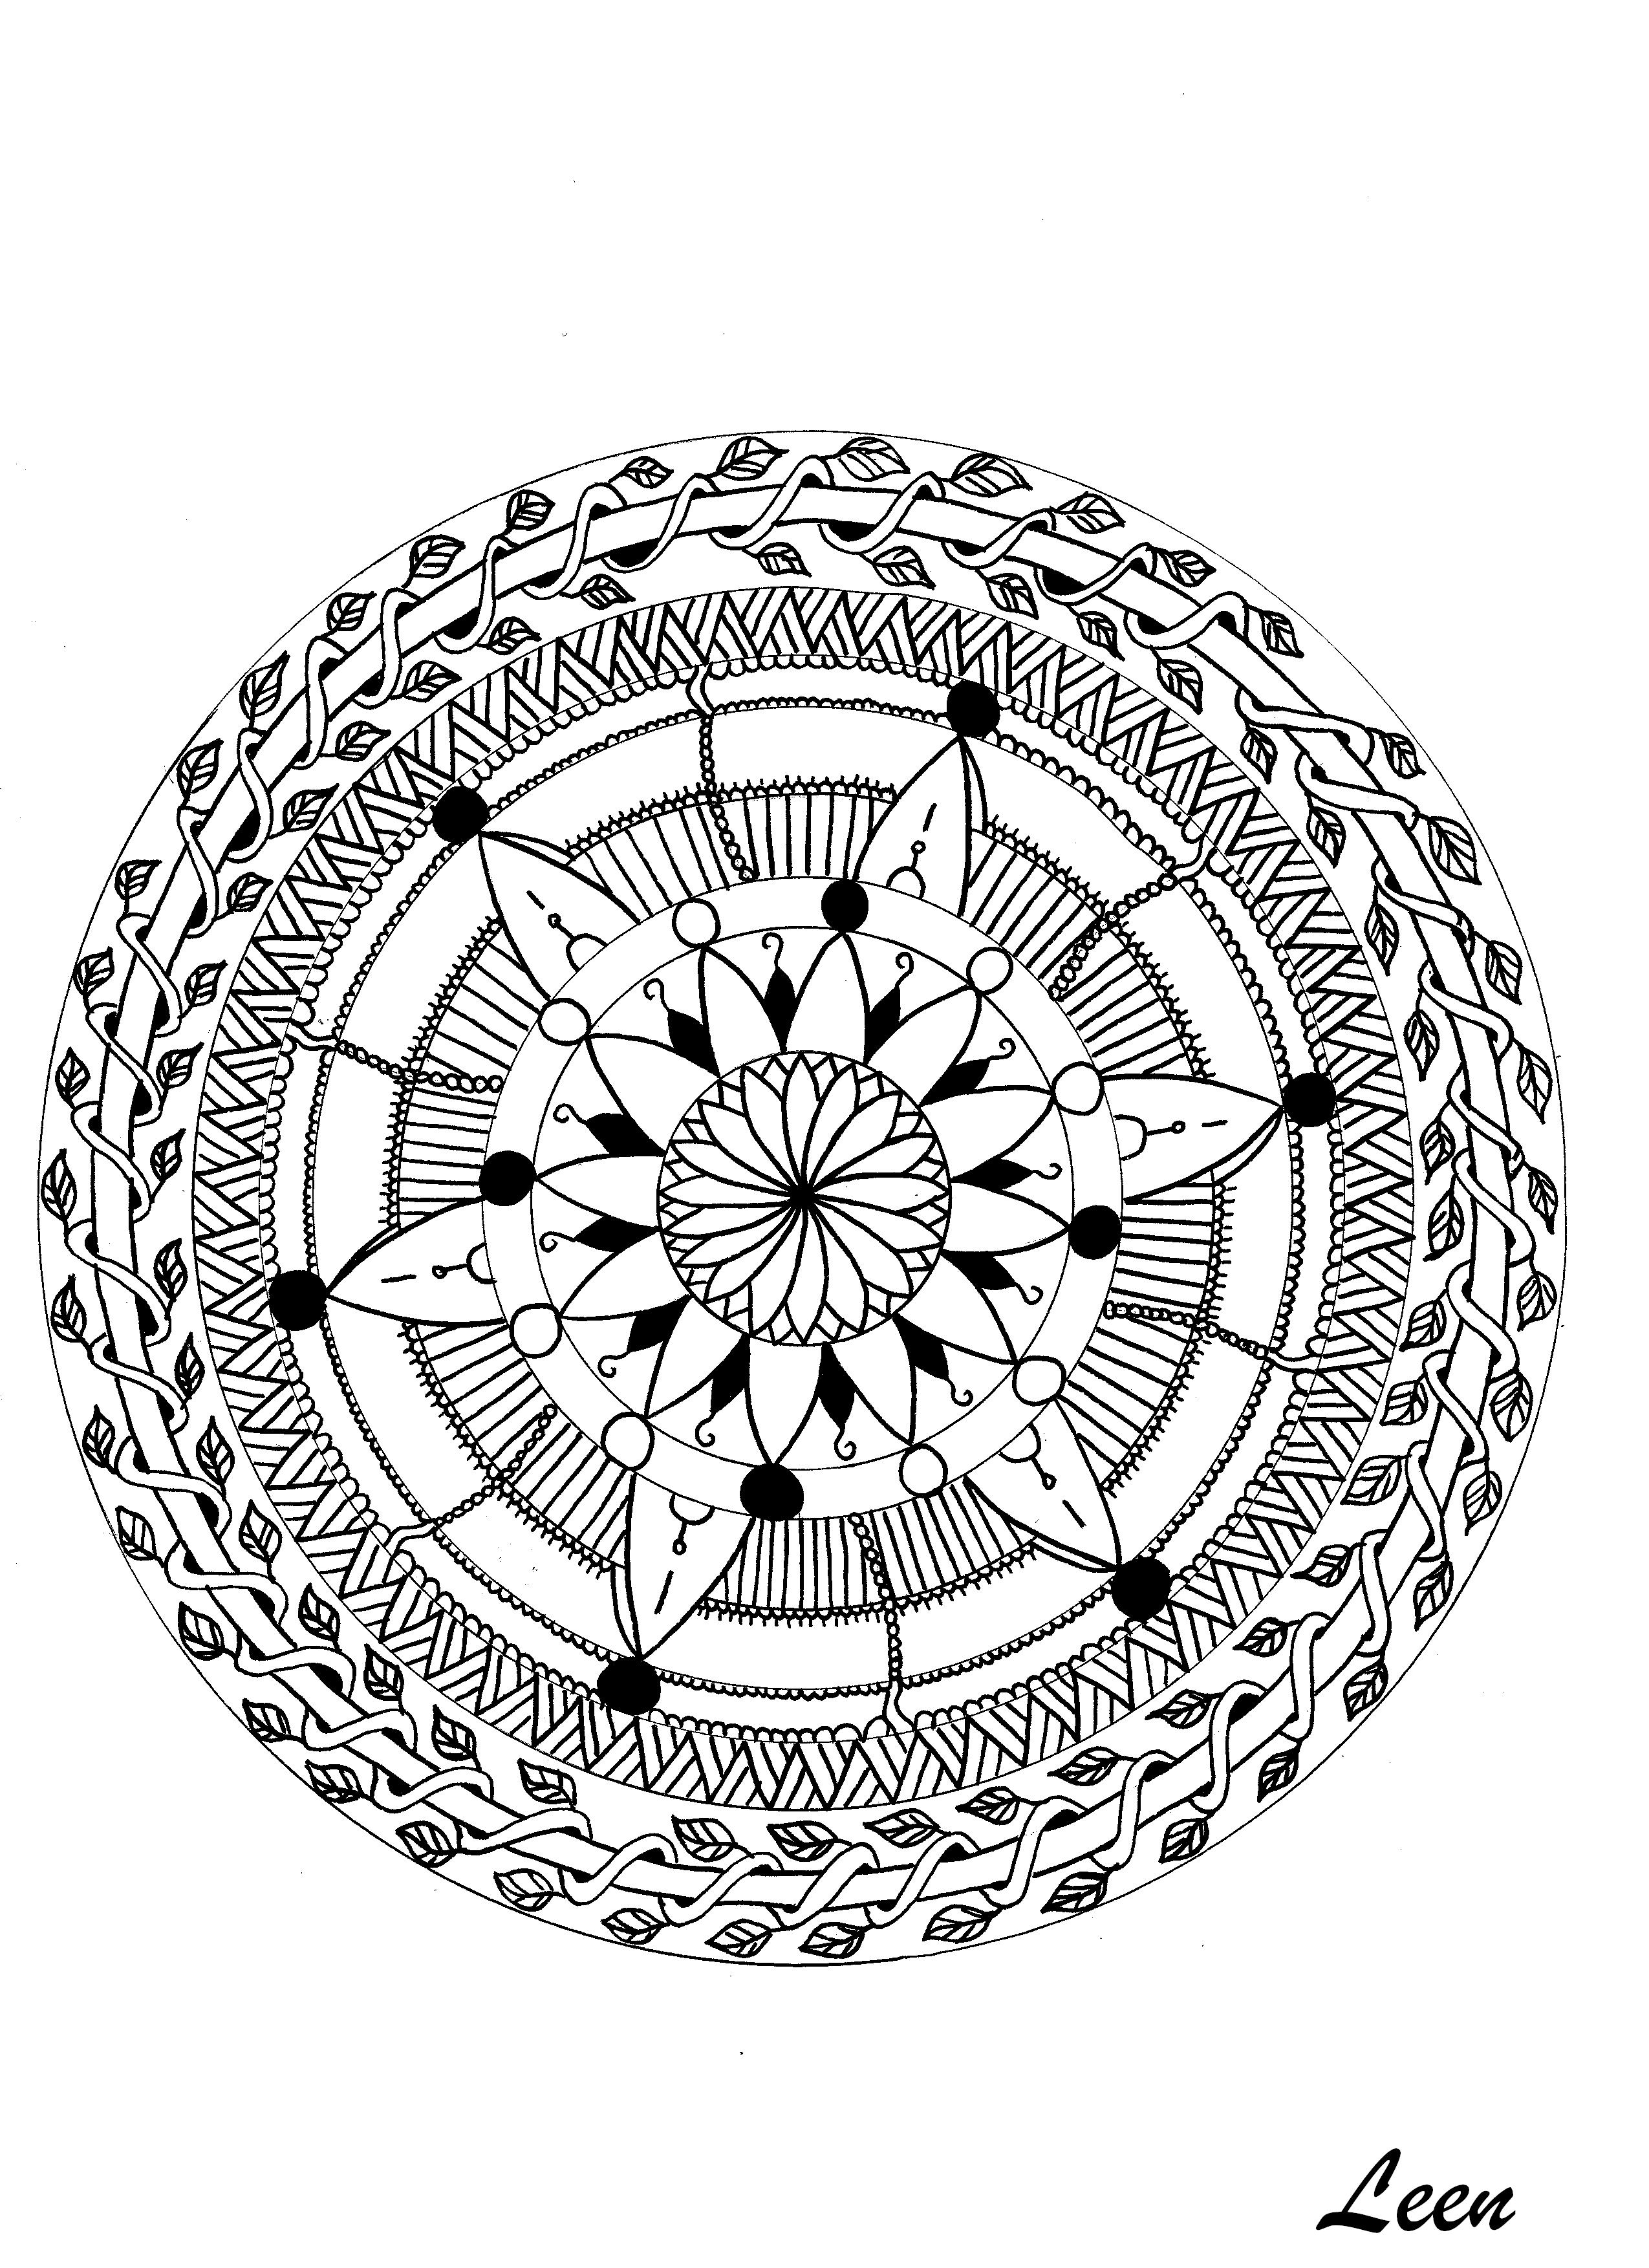 Disegni da colorare per adulti : Mandalas - 84